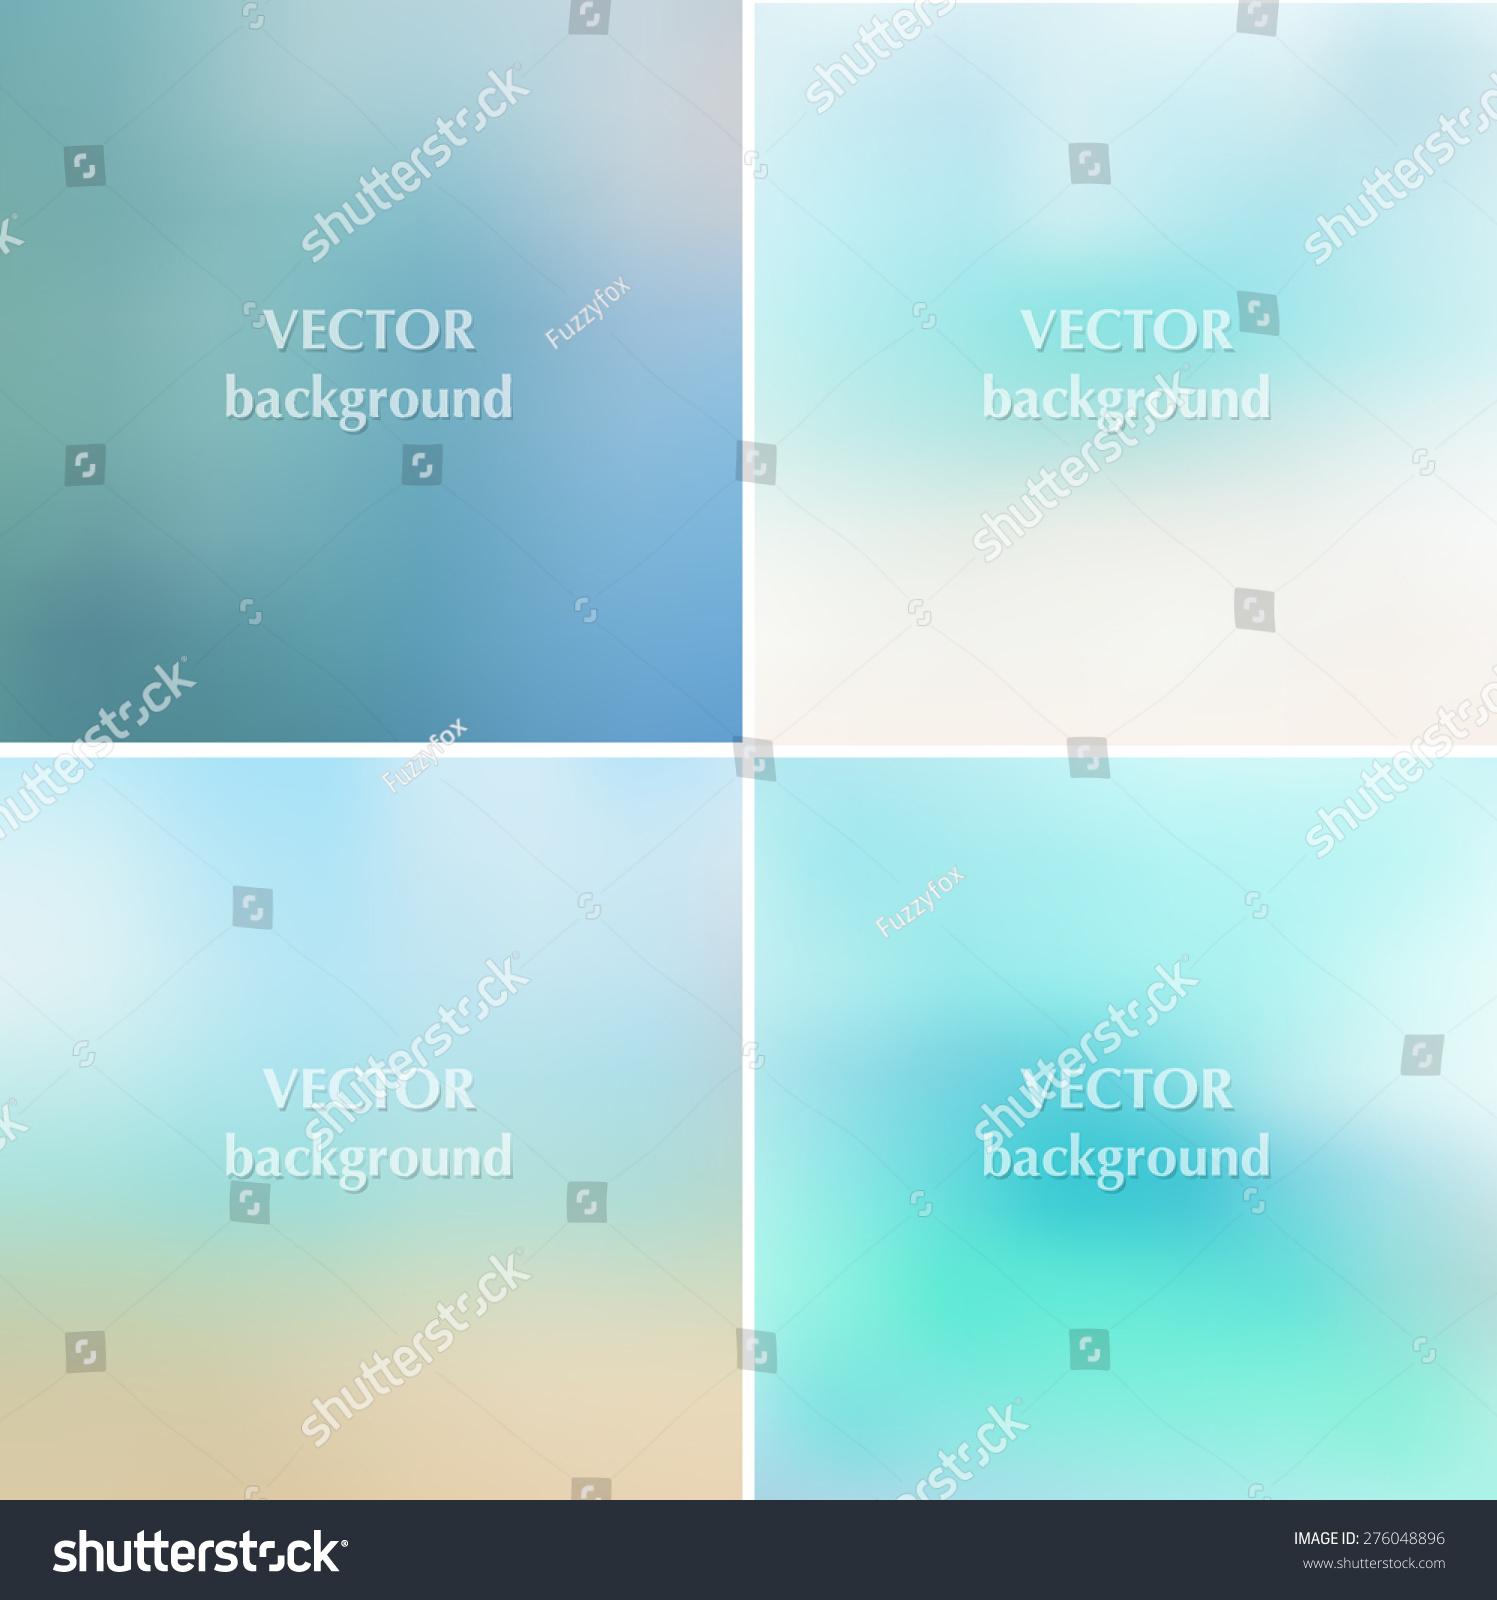 抽象的蓝色的大海夏天模糊向量背景设置10每股收益